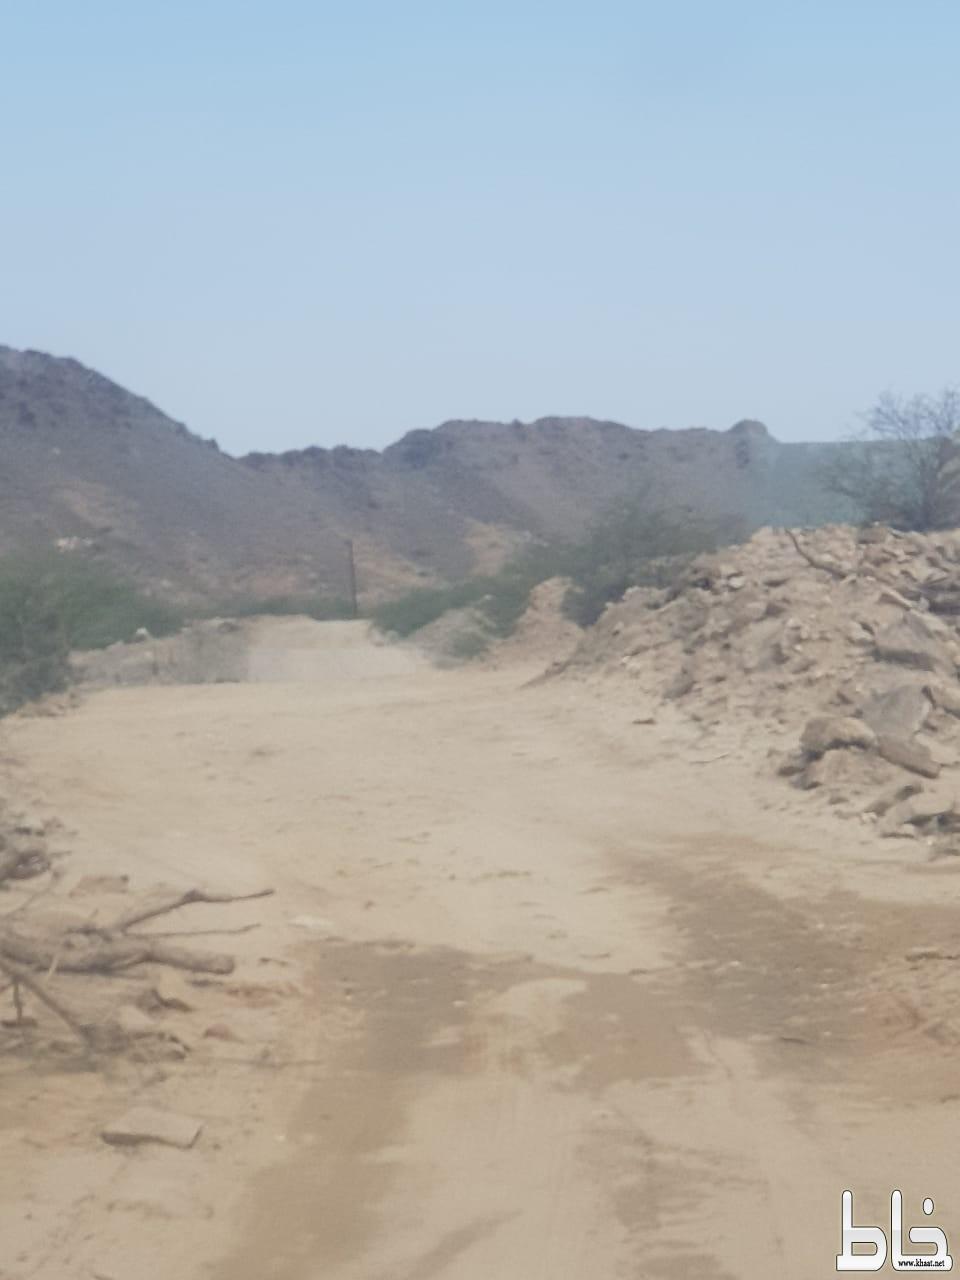 مواطنون من خميس حرب يناشدون البلدية بسفلتة طريق وادي عرف